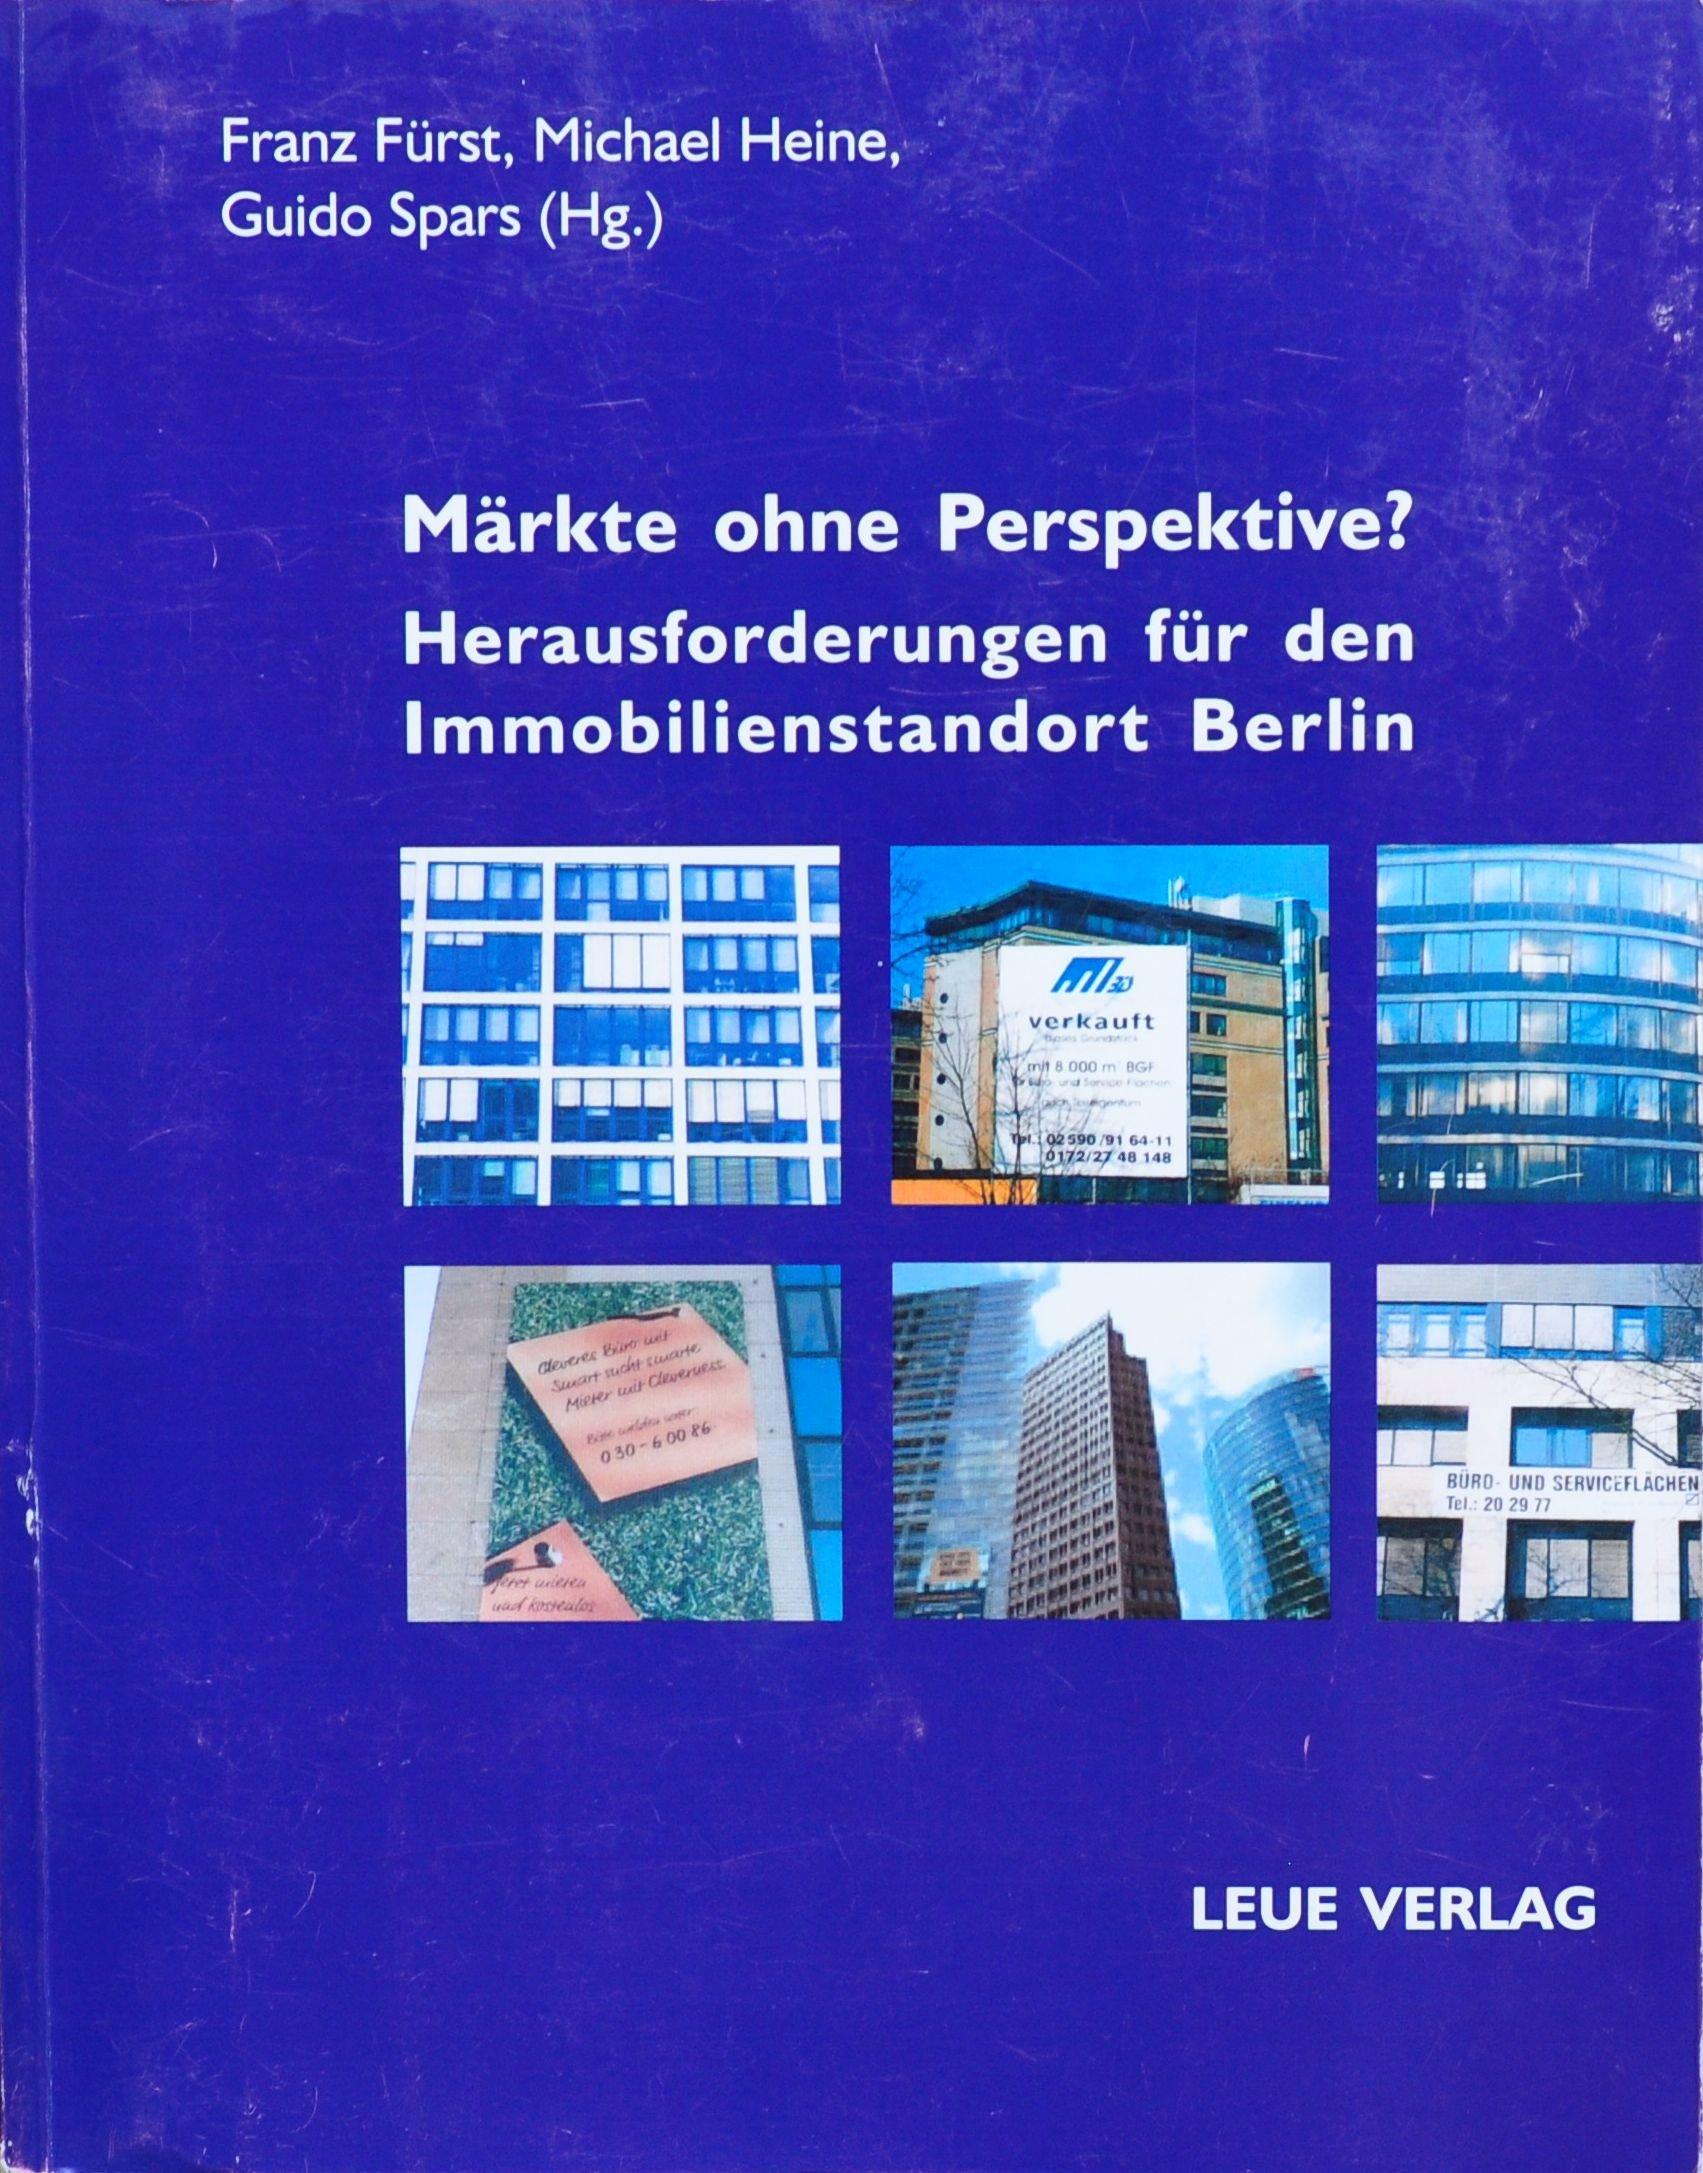 Märkte ohne Perspektive - Herausforderungen für den Immobilienstandort Berlin